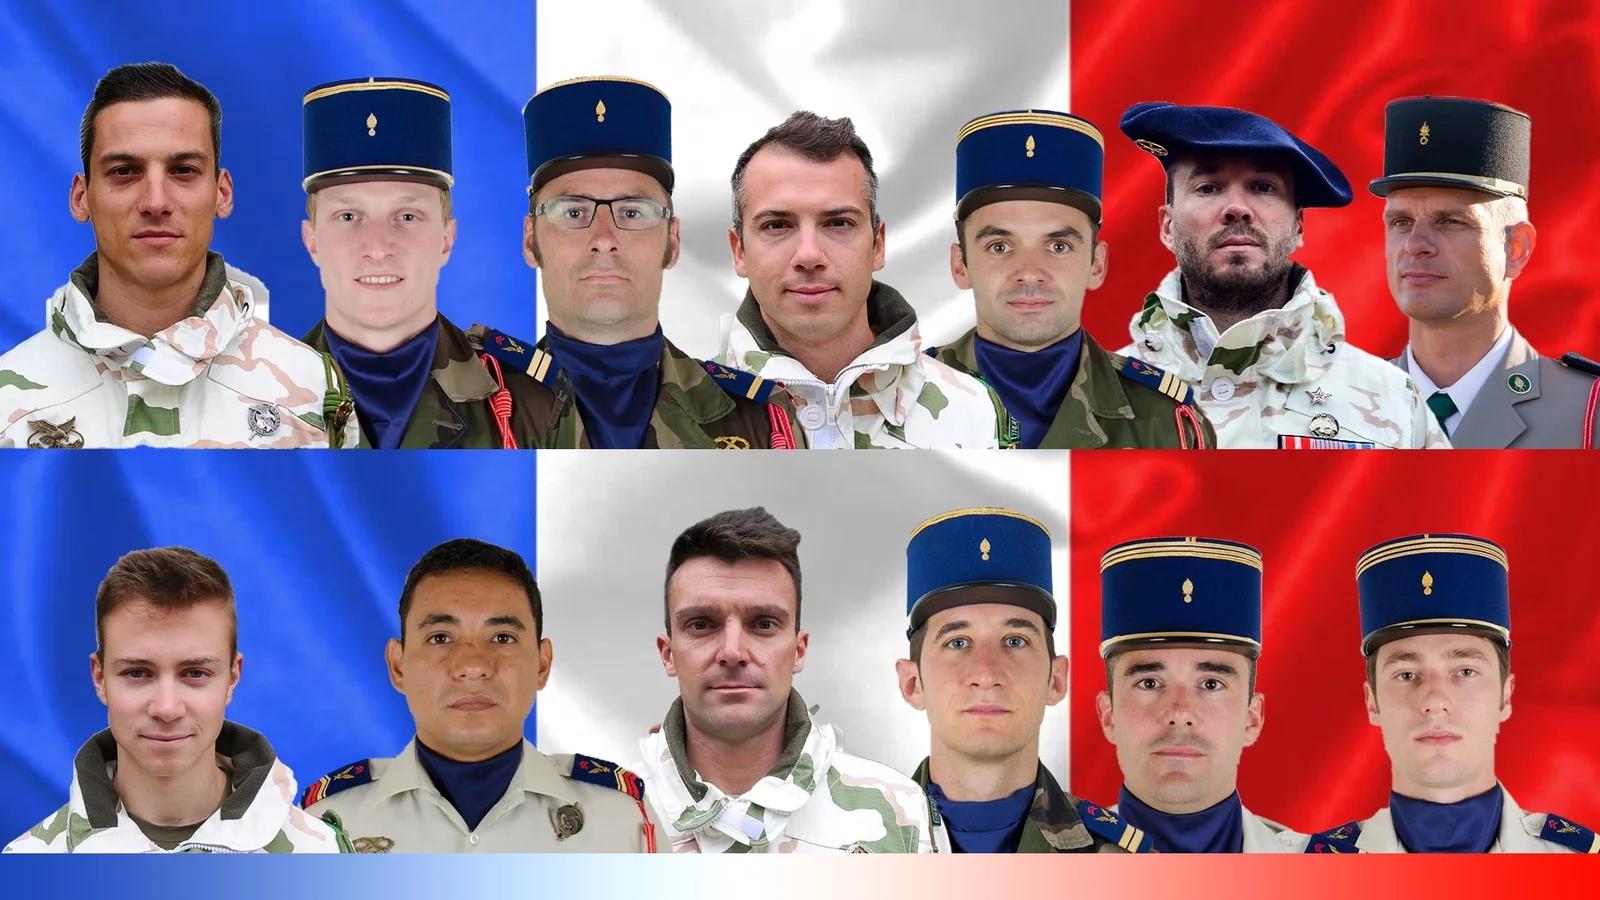 mueren-13-soldados-franceses-malí-terrorismo-islámico-África-Francia-